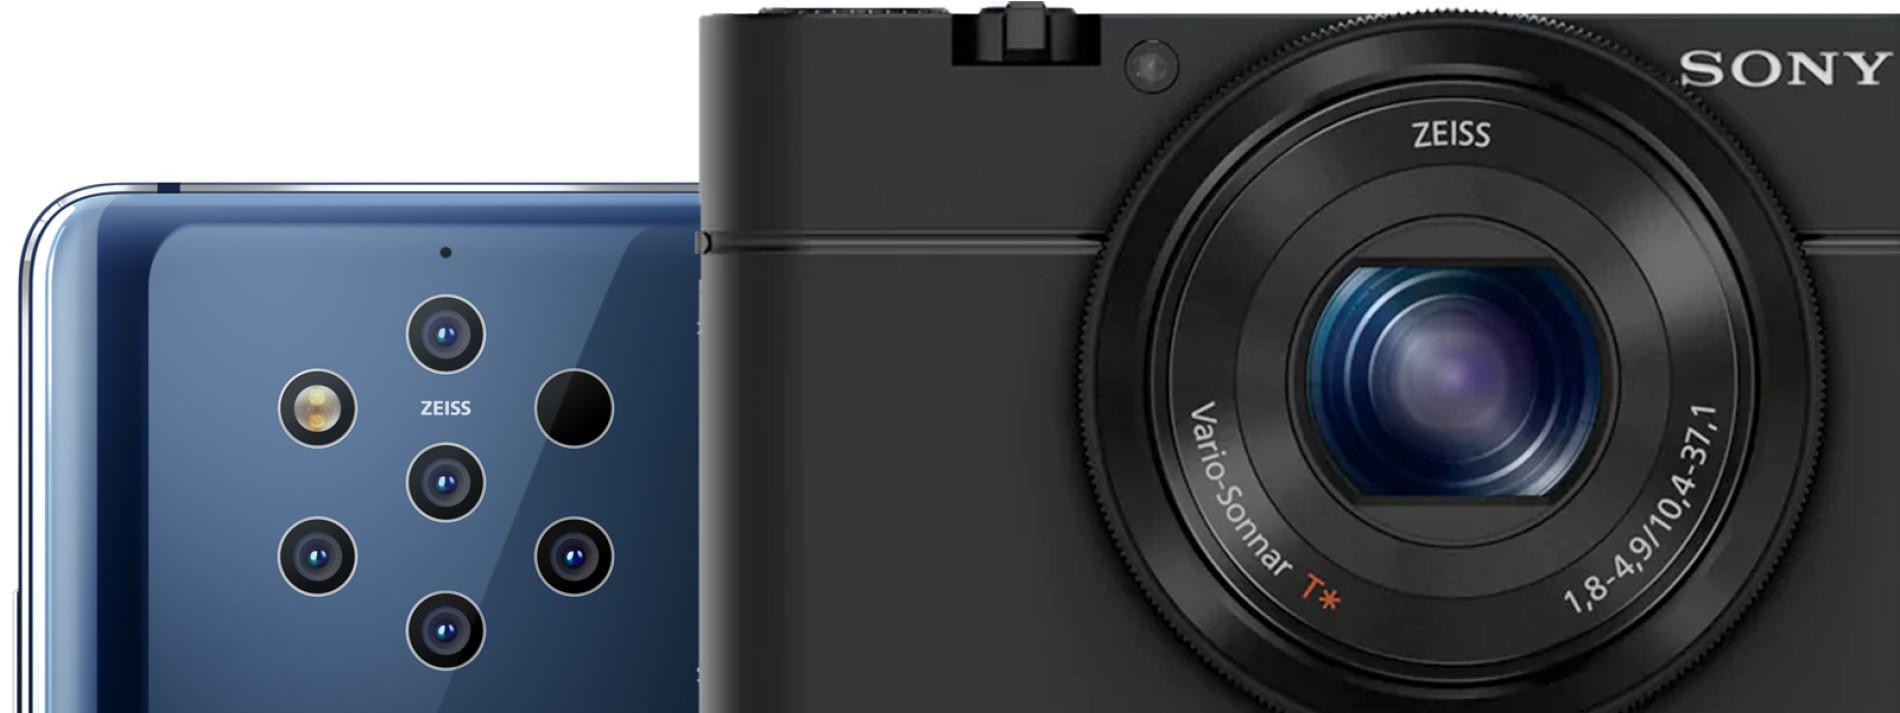 Smartphone gegen Kamera